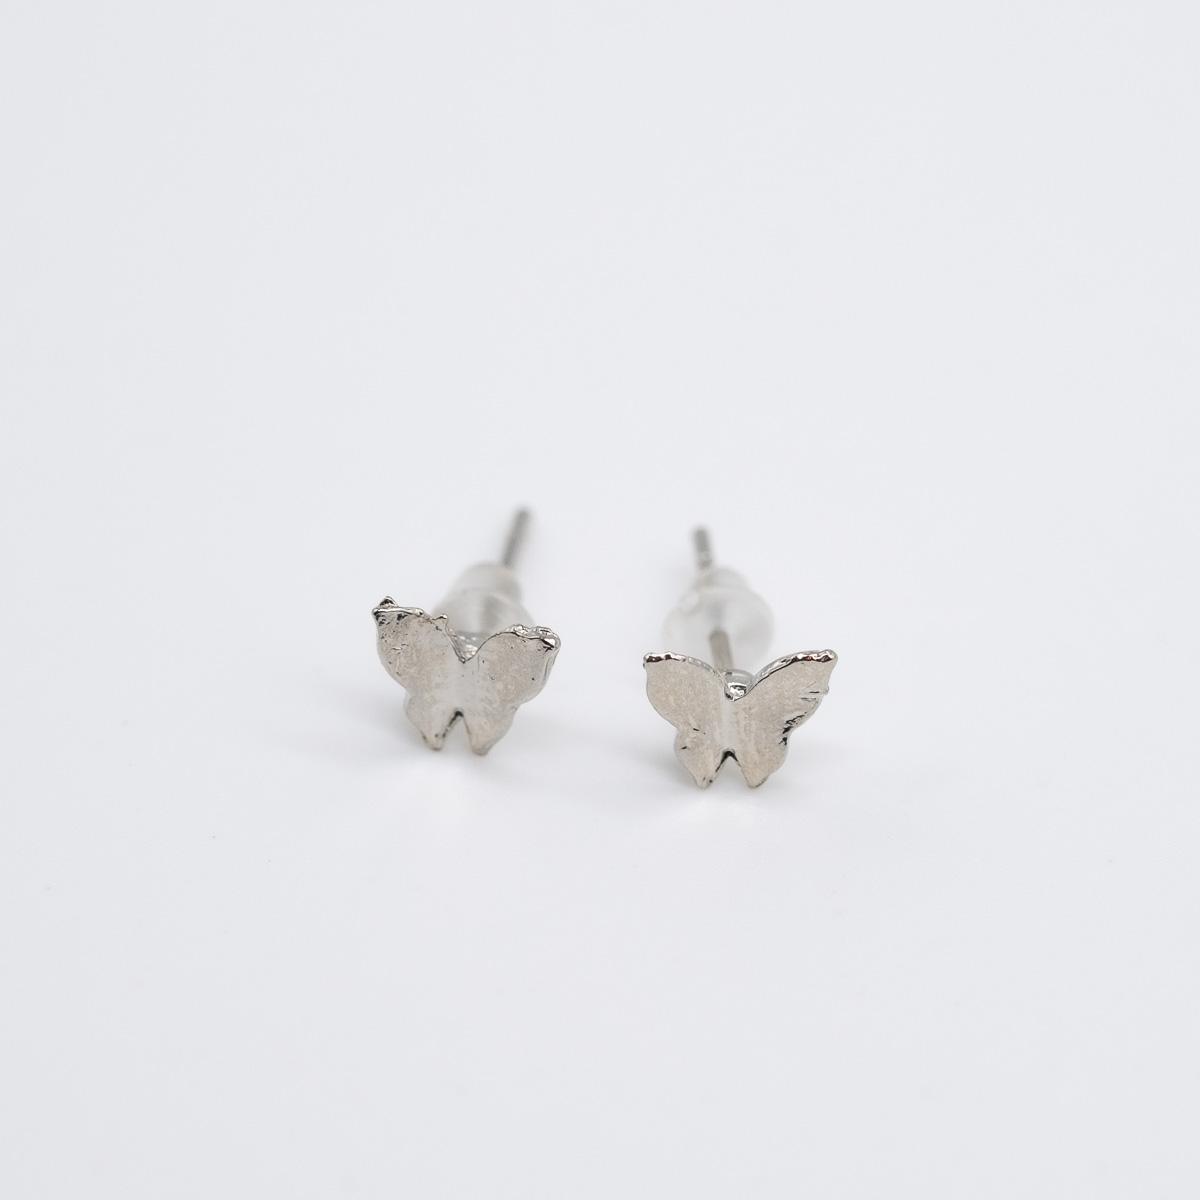 ORS-014 oorstekers vlindertje zilver